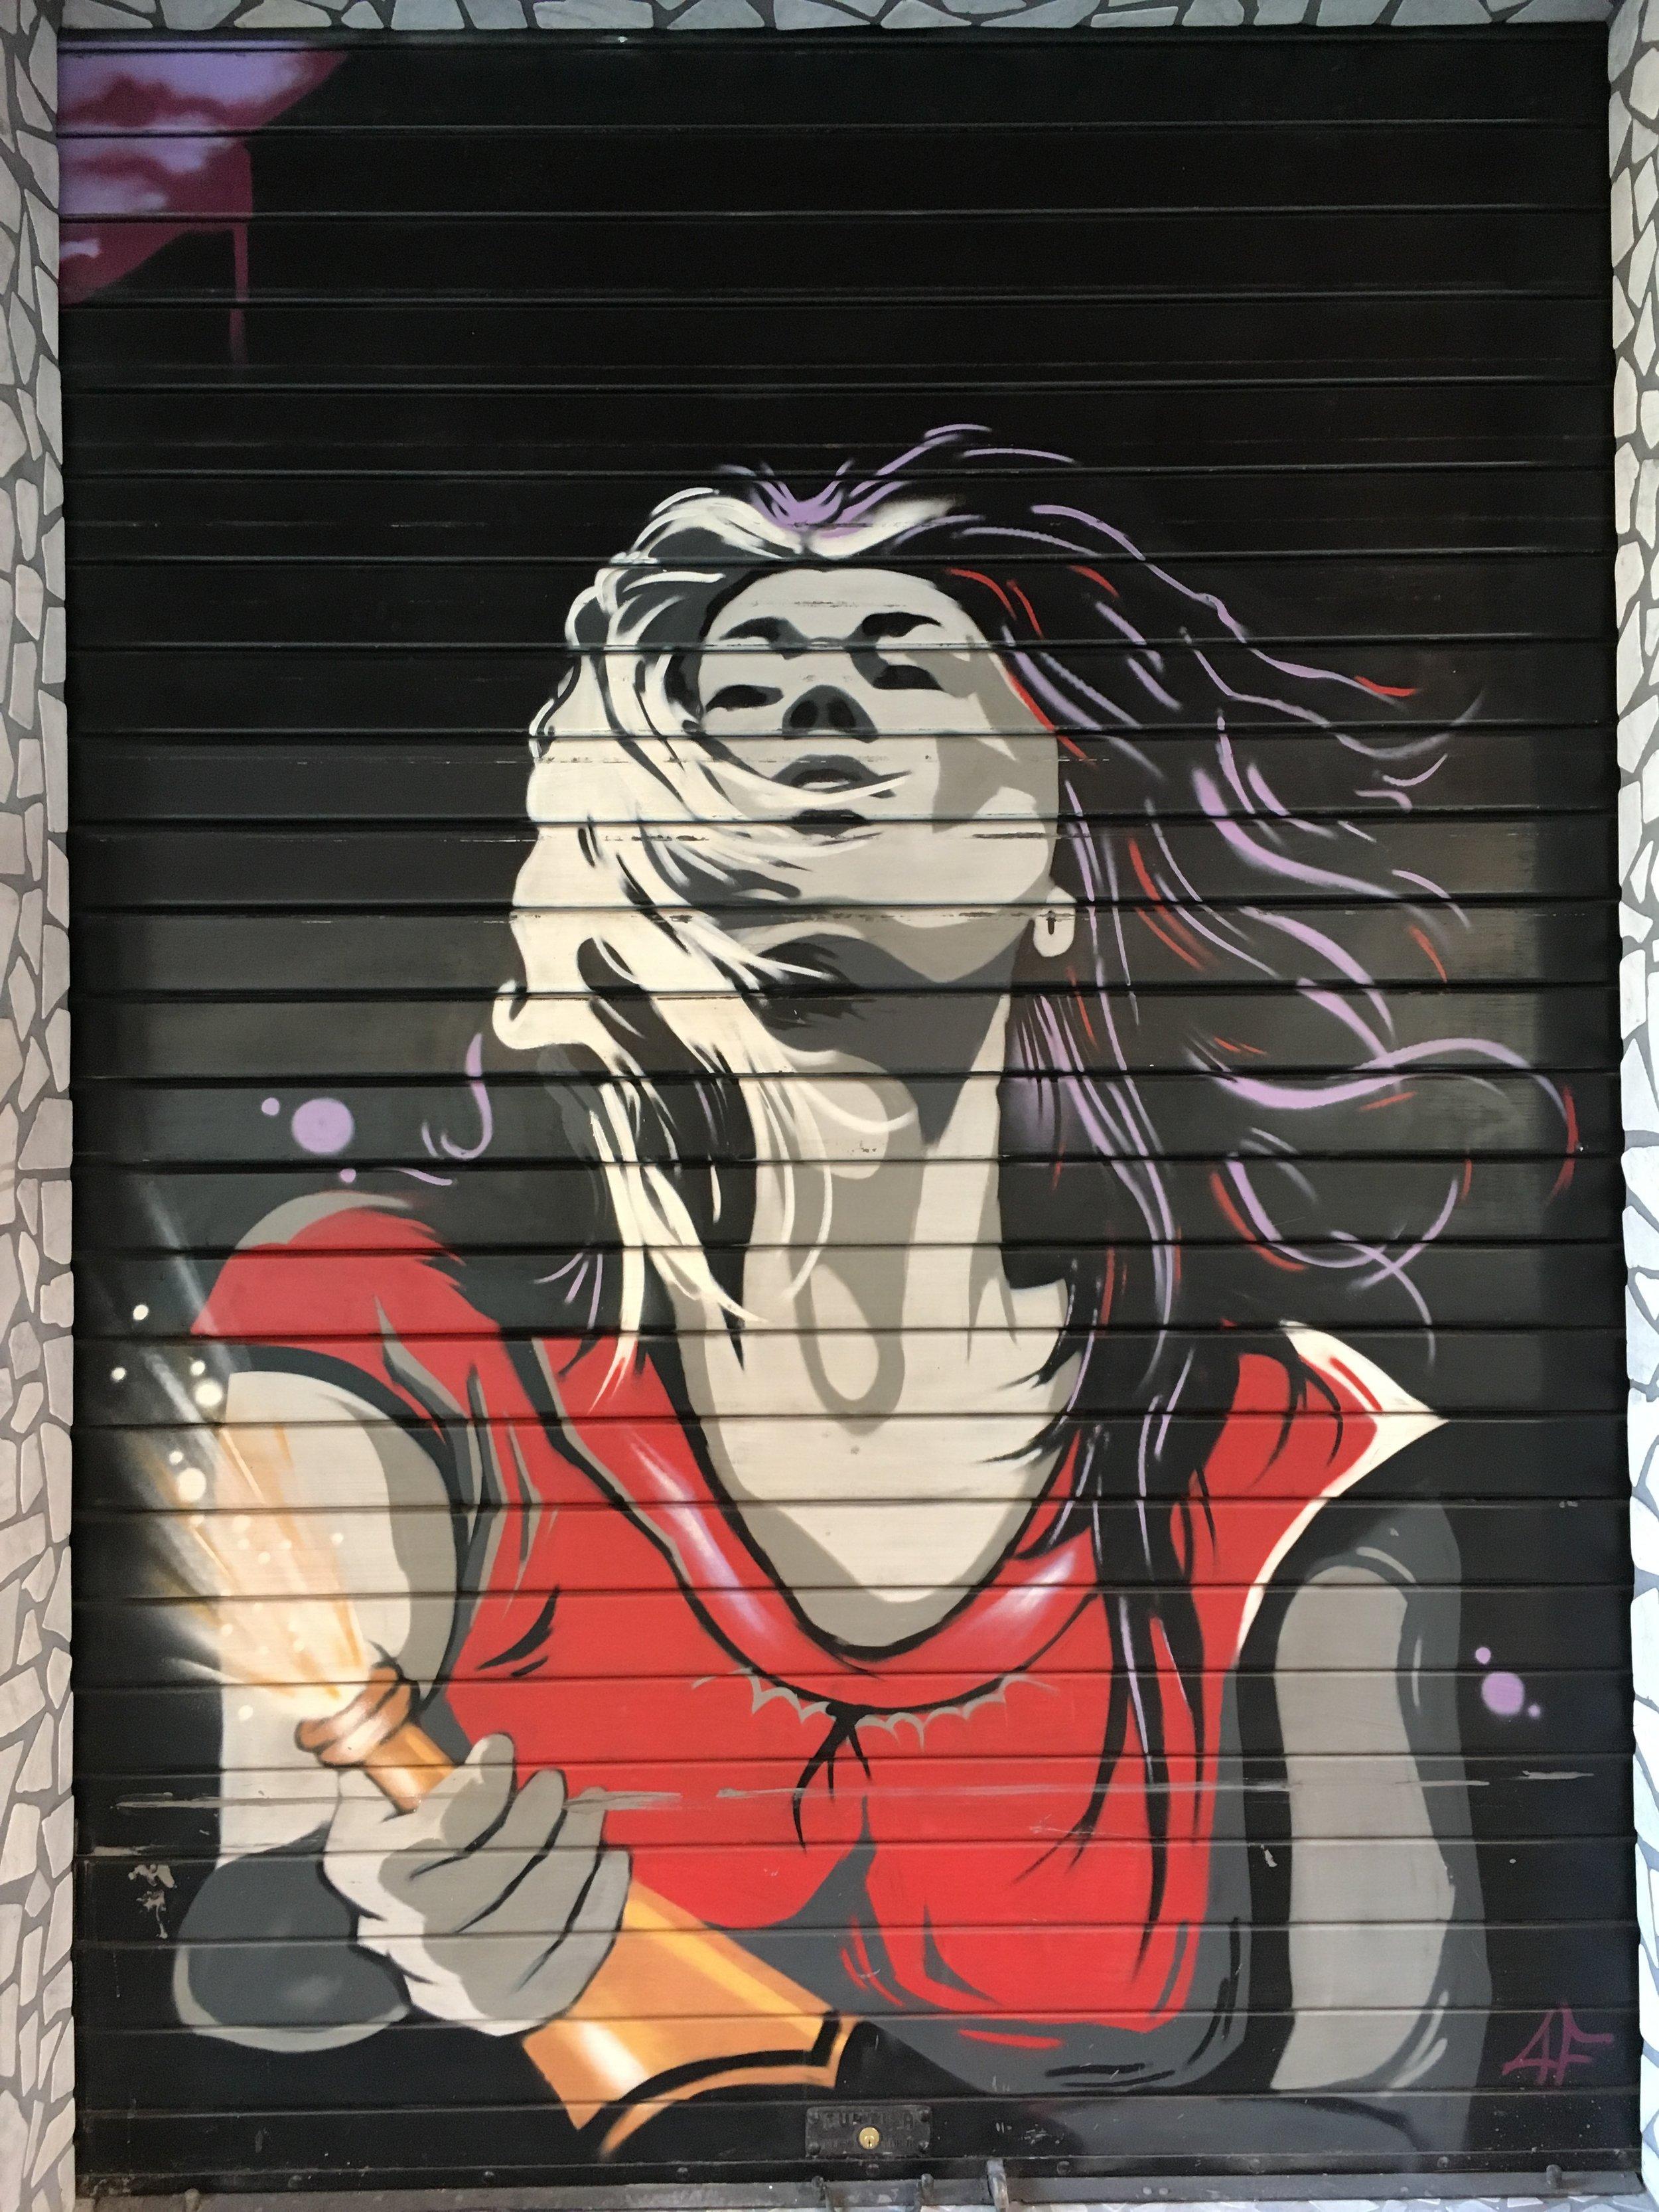 street_art_mastro_scheidt